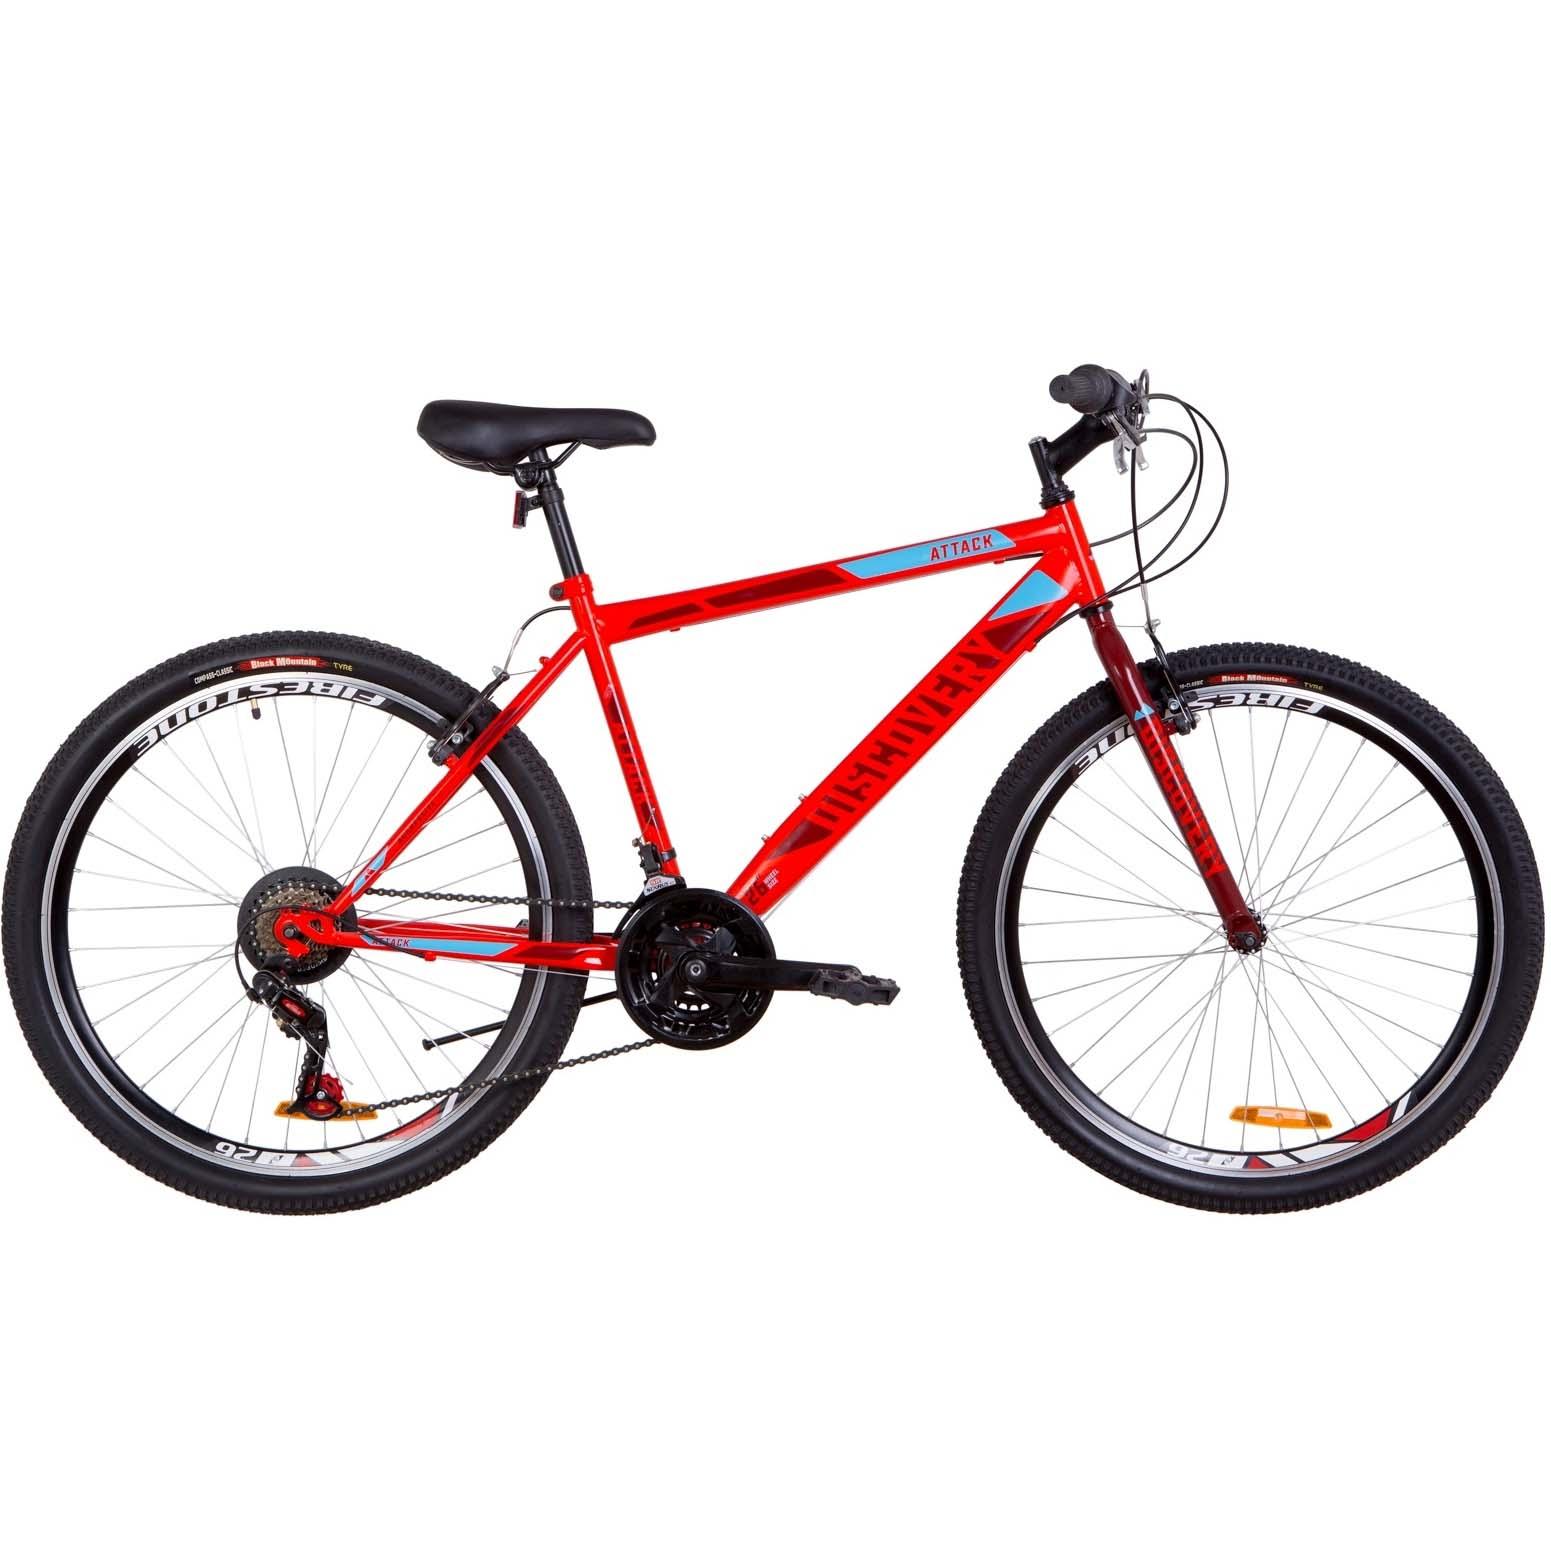 Фото Городской Велосипед 26 Discovery ATTACK  красный акцент с синим 2019